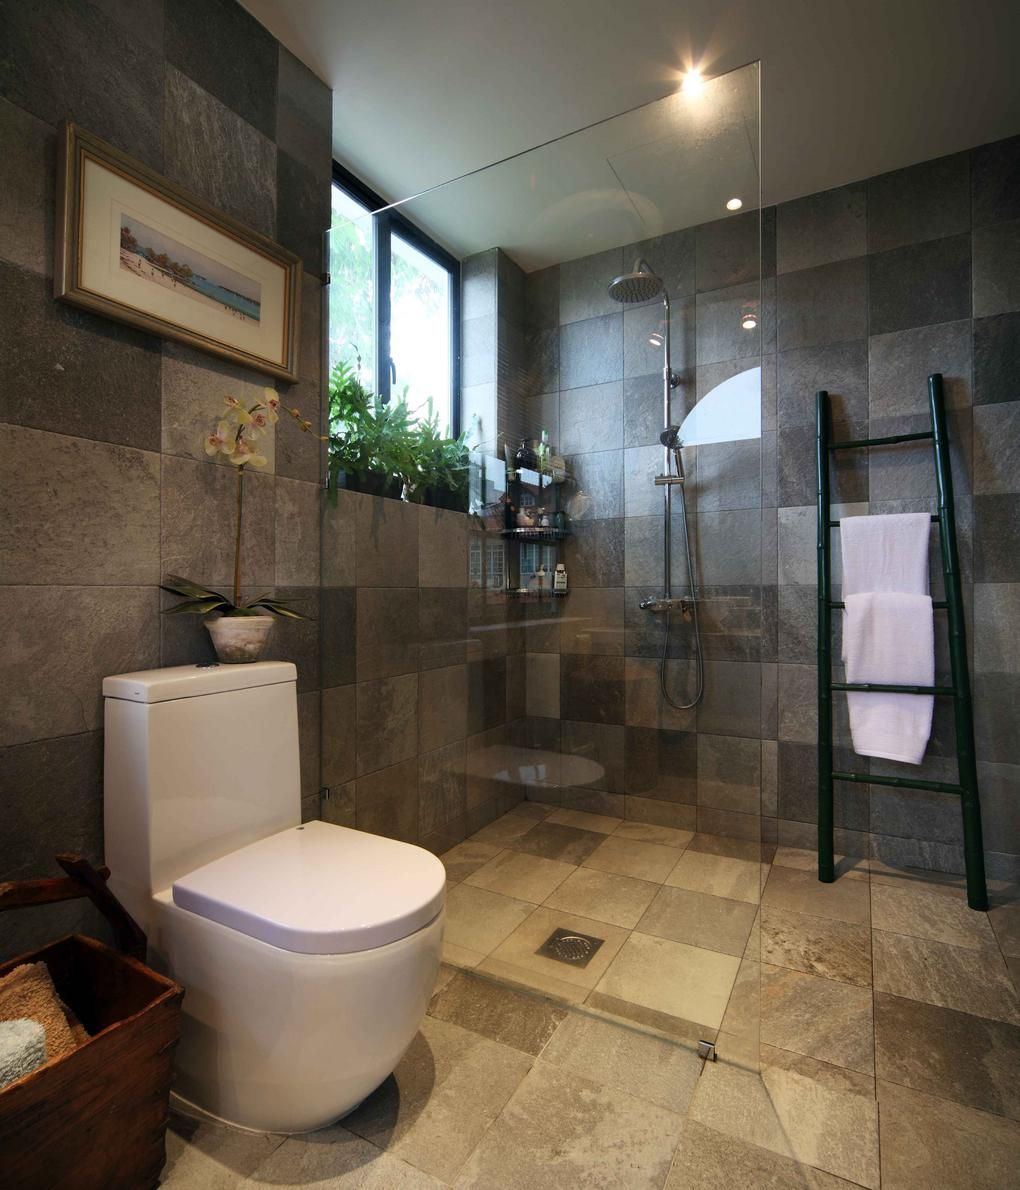 Fashion Design Interior Design Singapore: Home & Decor Singapore